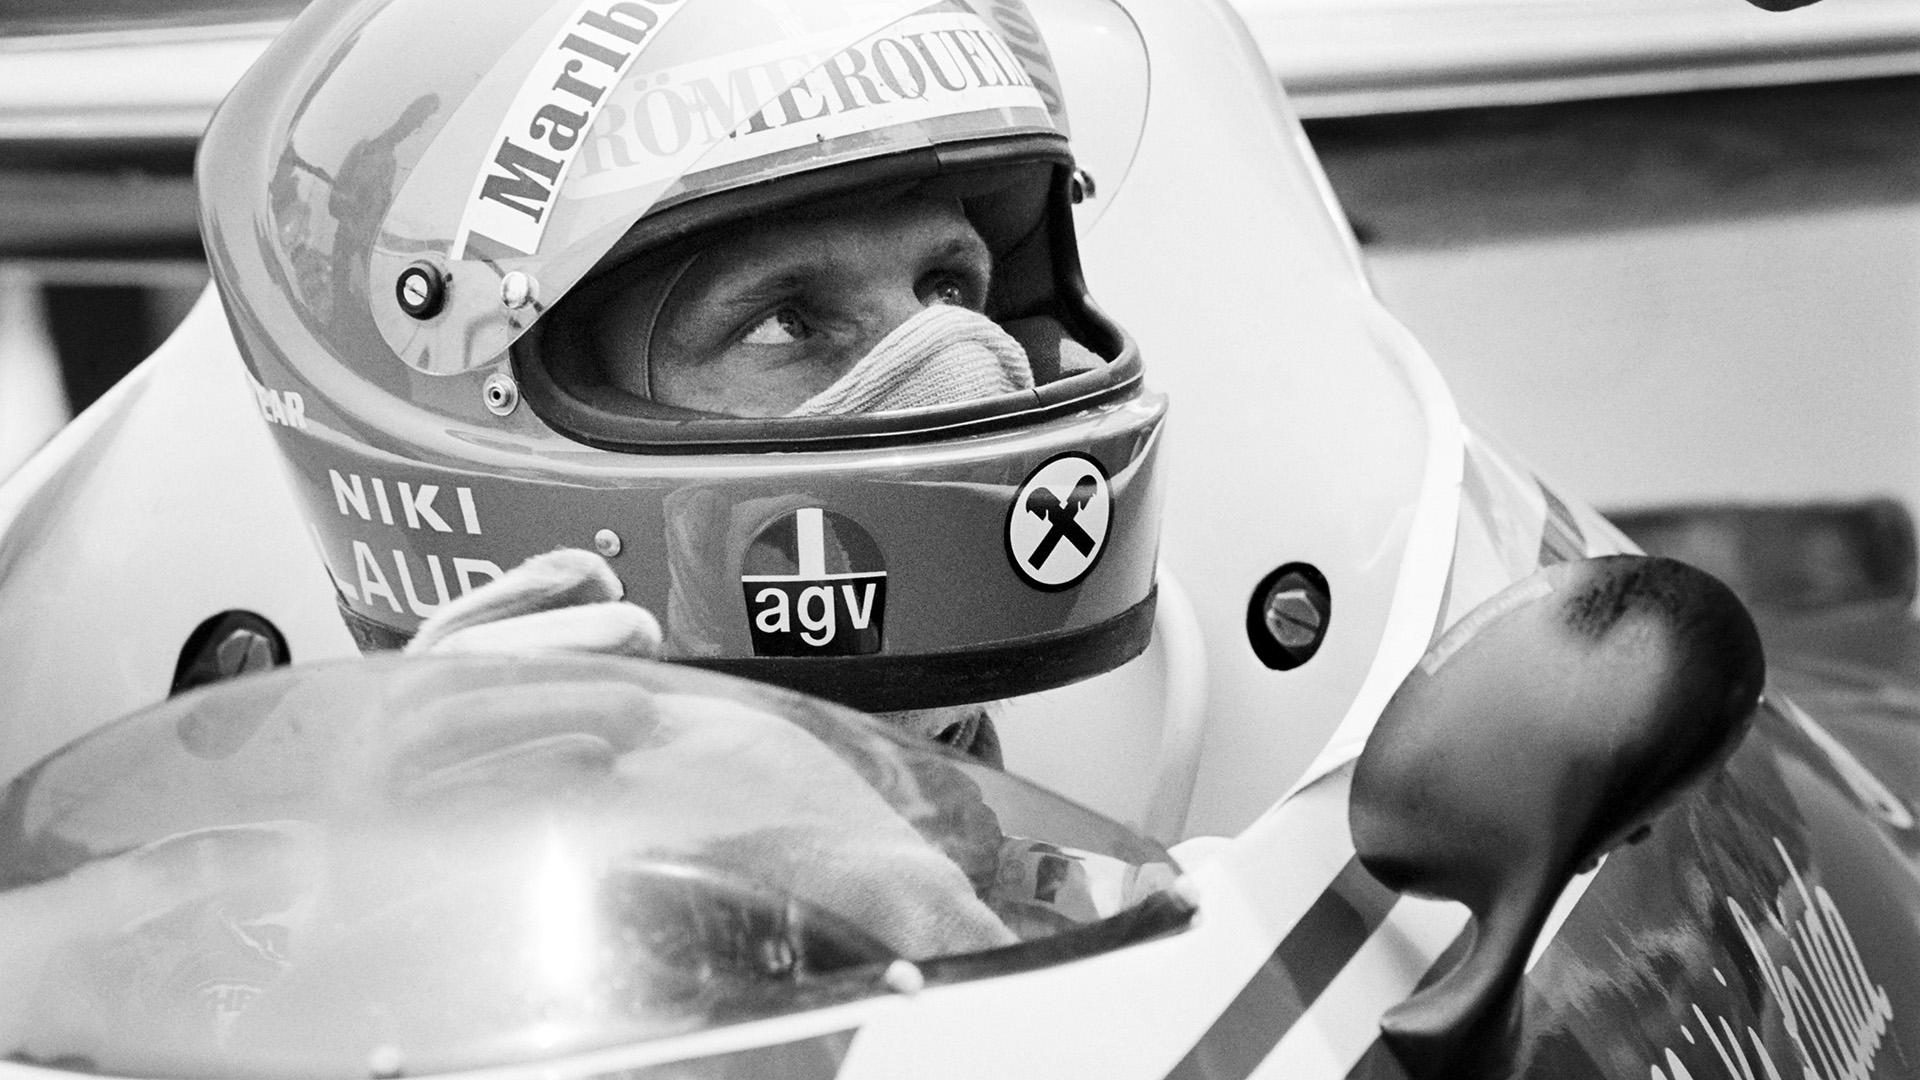 El legendario piloto de Fórmula Uno, Niki Lauda, murió a los 70 años. Fue tricampeón de Fórmula 1, además ganó 25 carreras